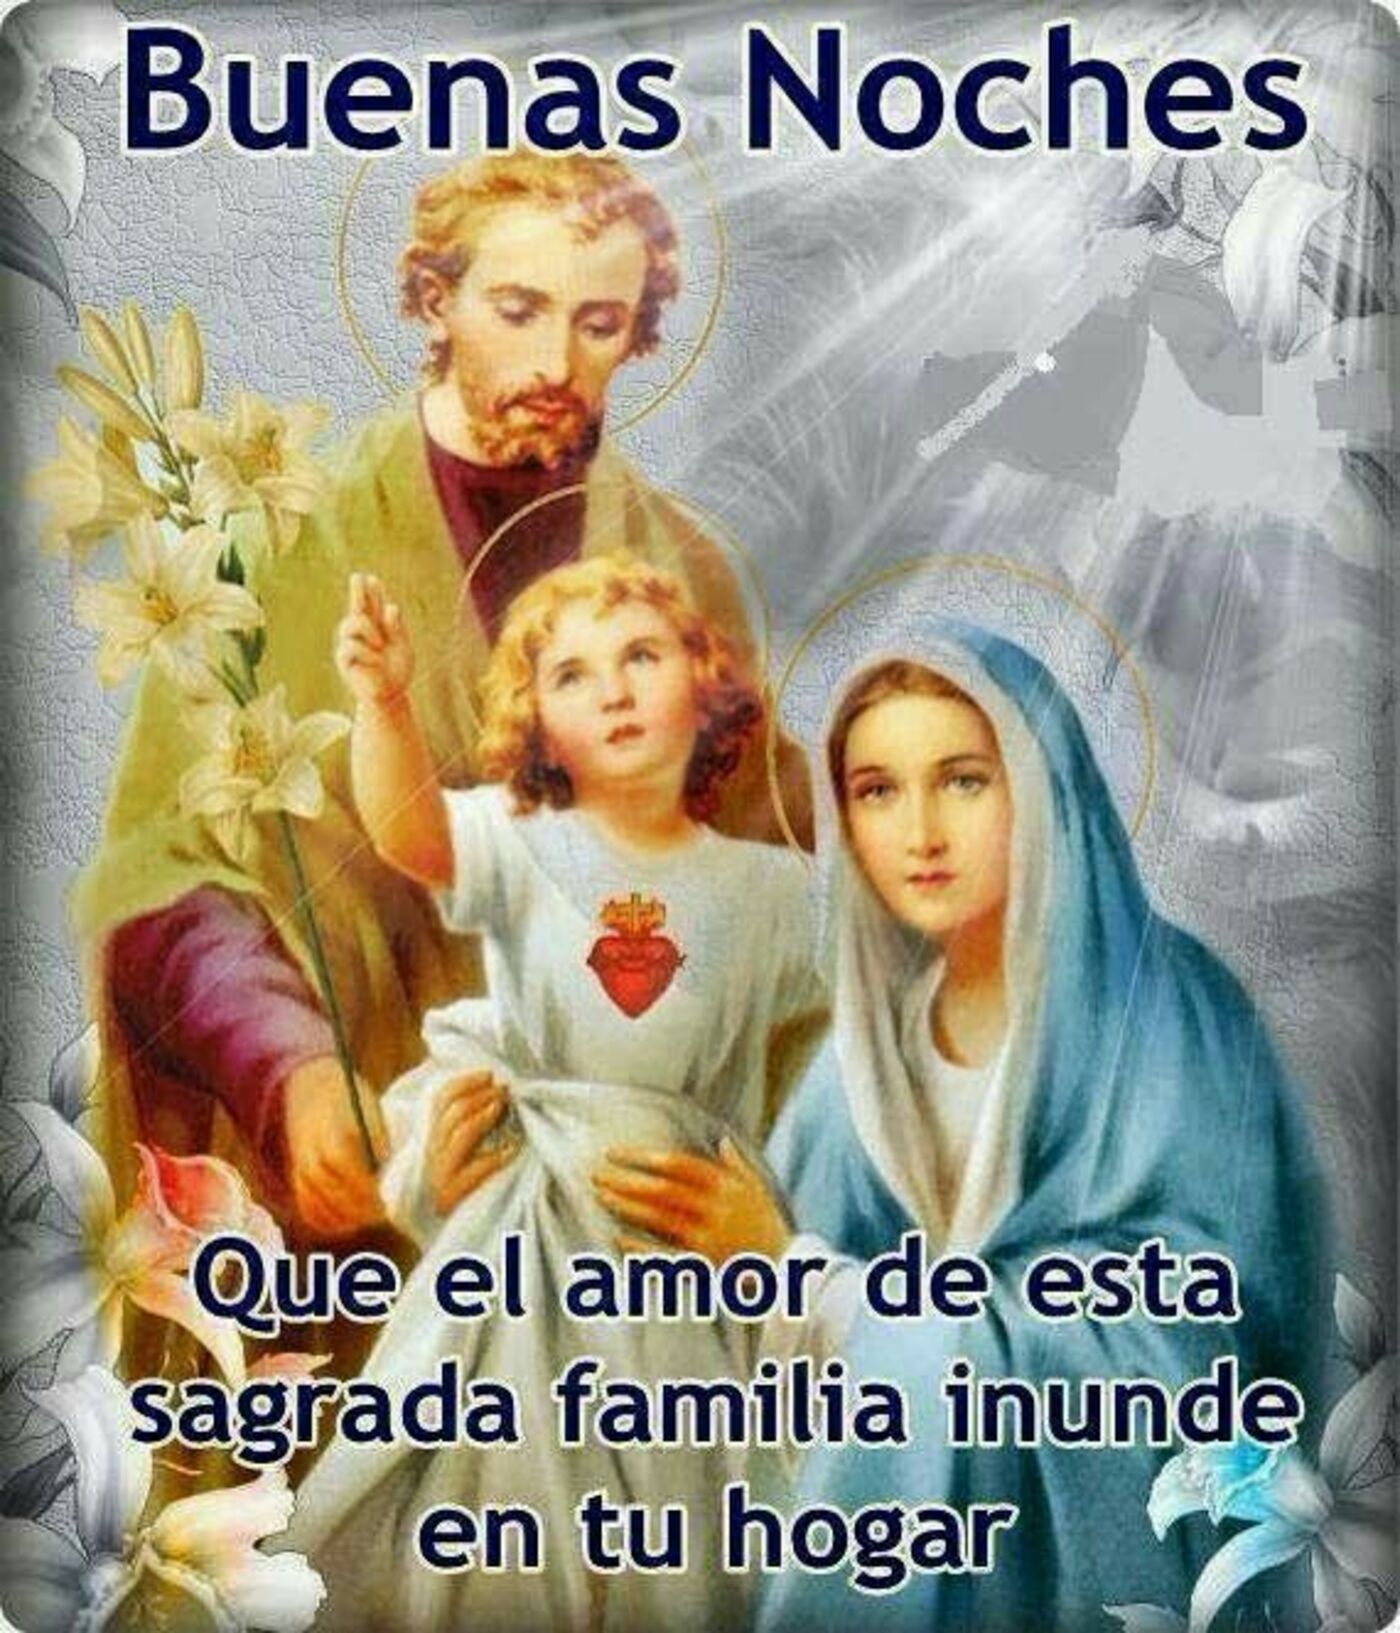 Buenas noches que el amor de esta sagrada familia inunde en tu hogar